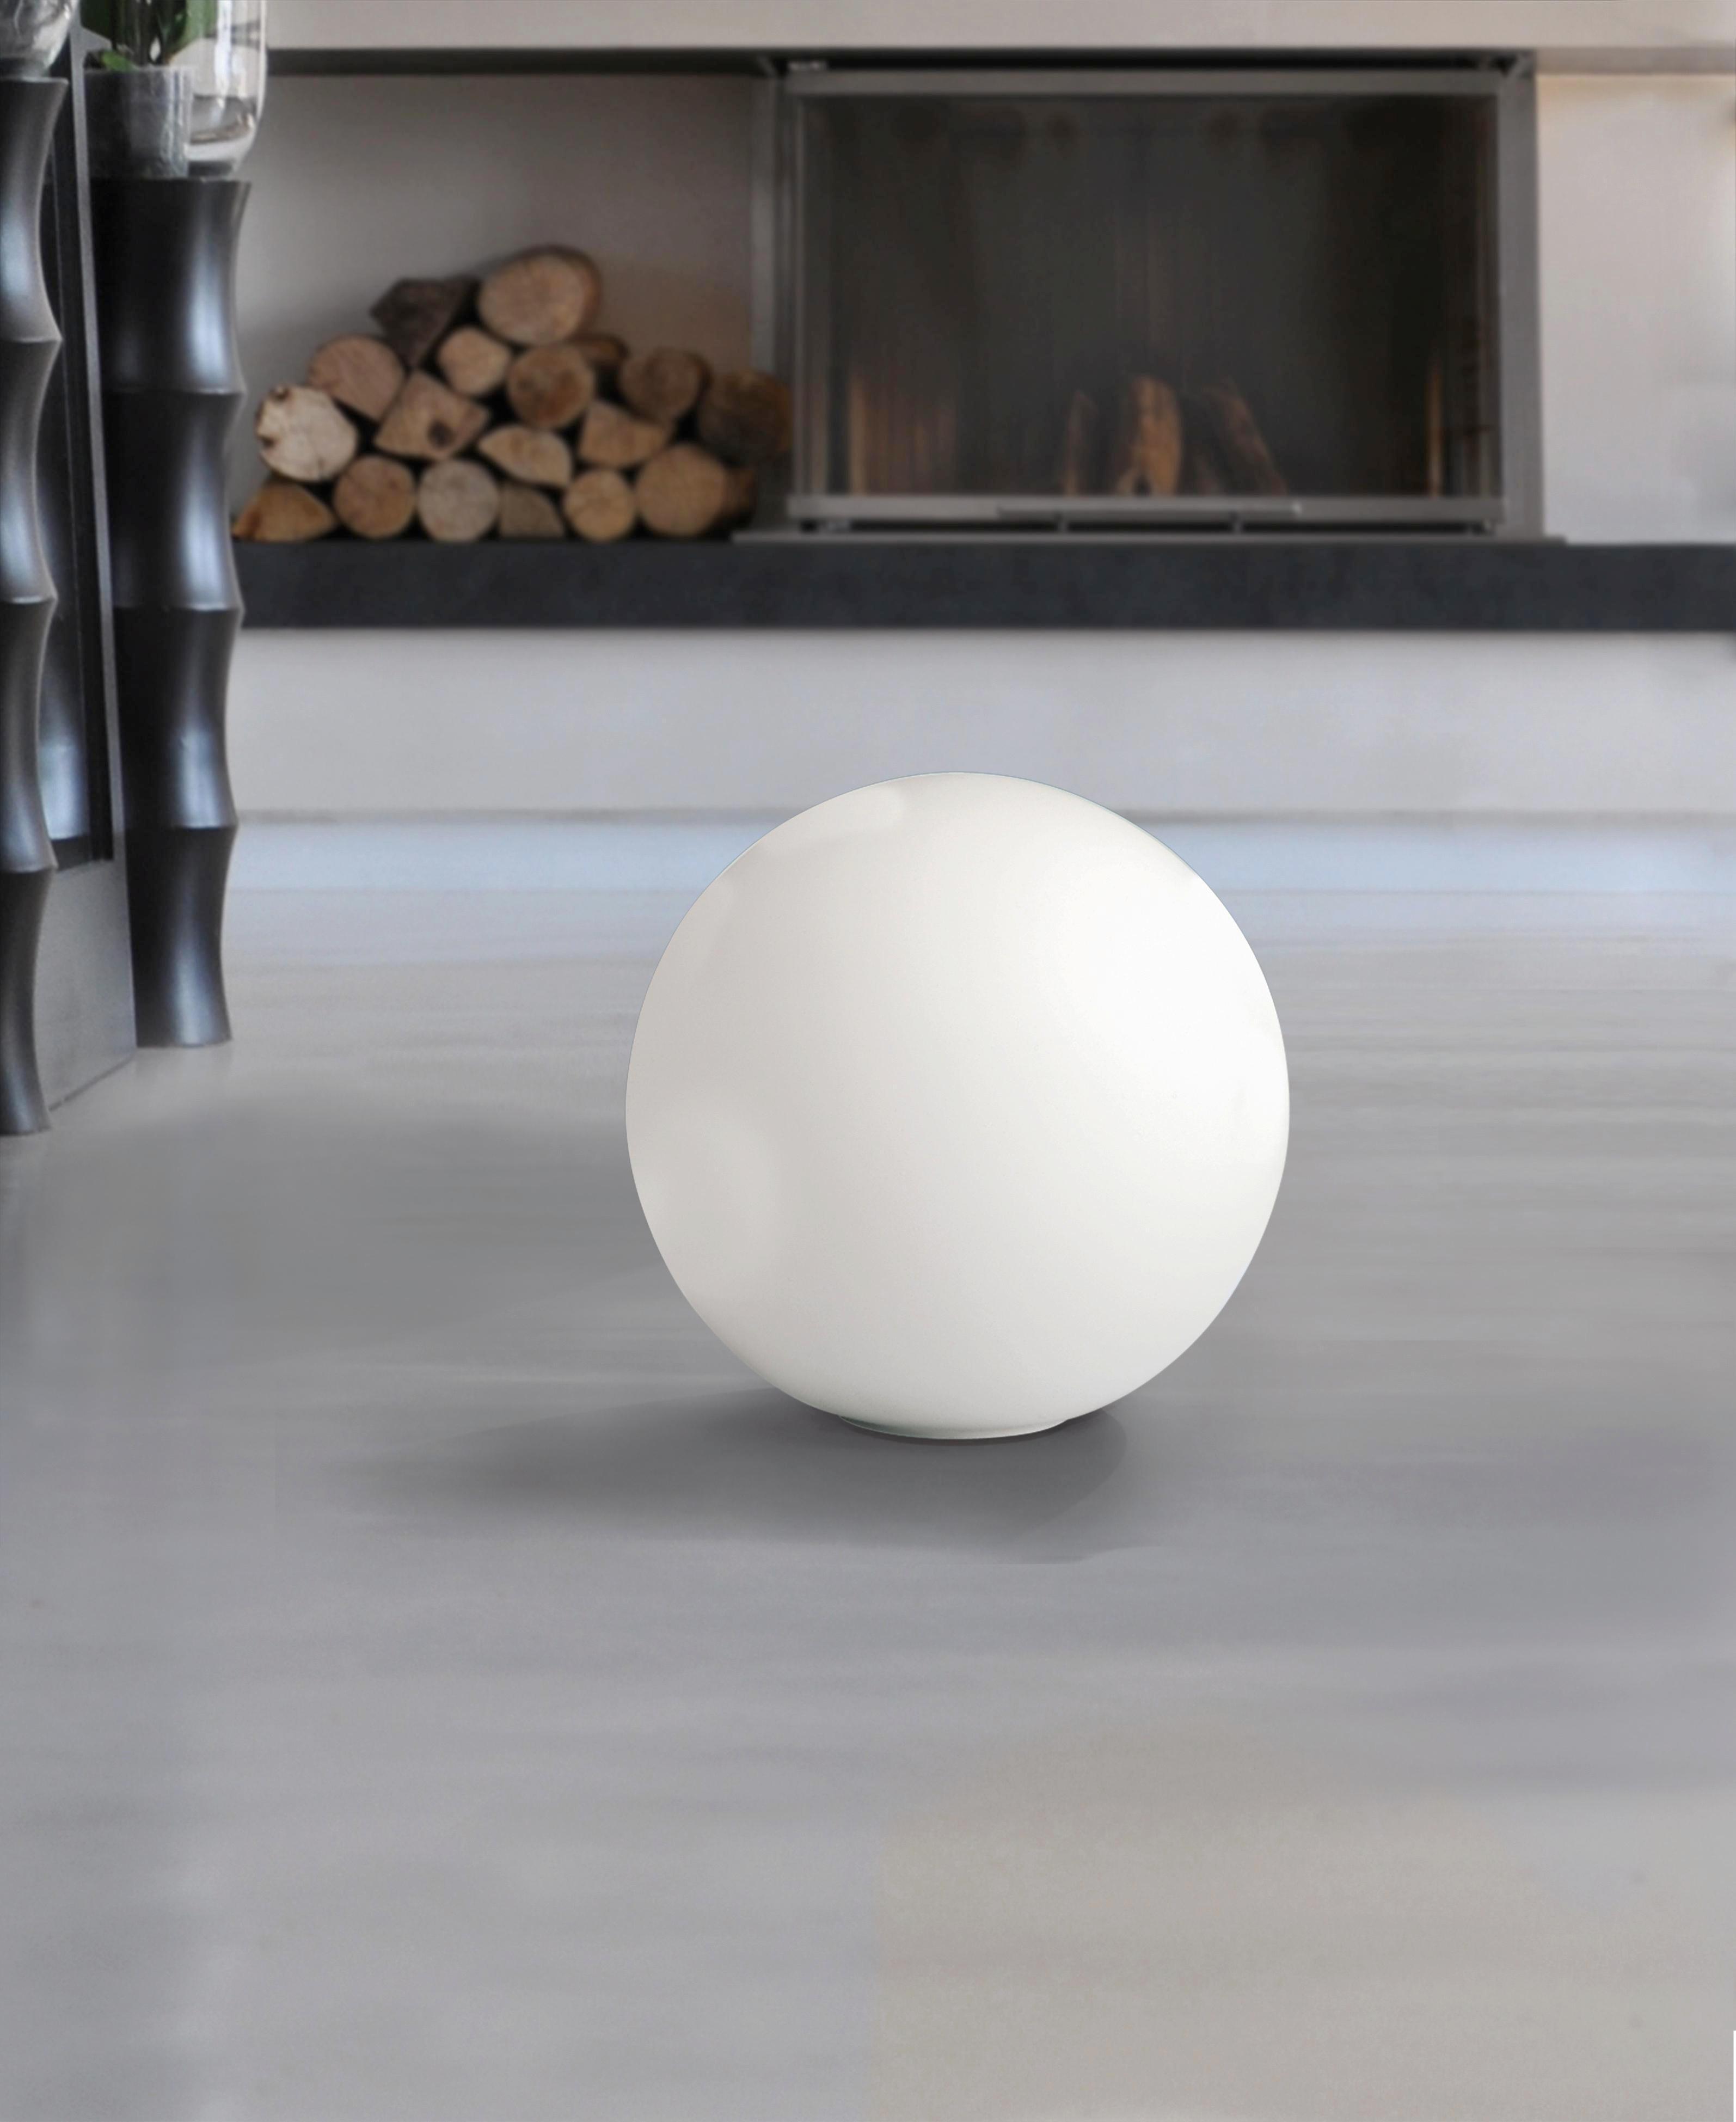 TISCHLEUCHTE - Weiß, LIFESTYLE, Glas/Metall (30cm)